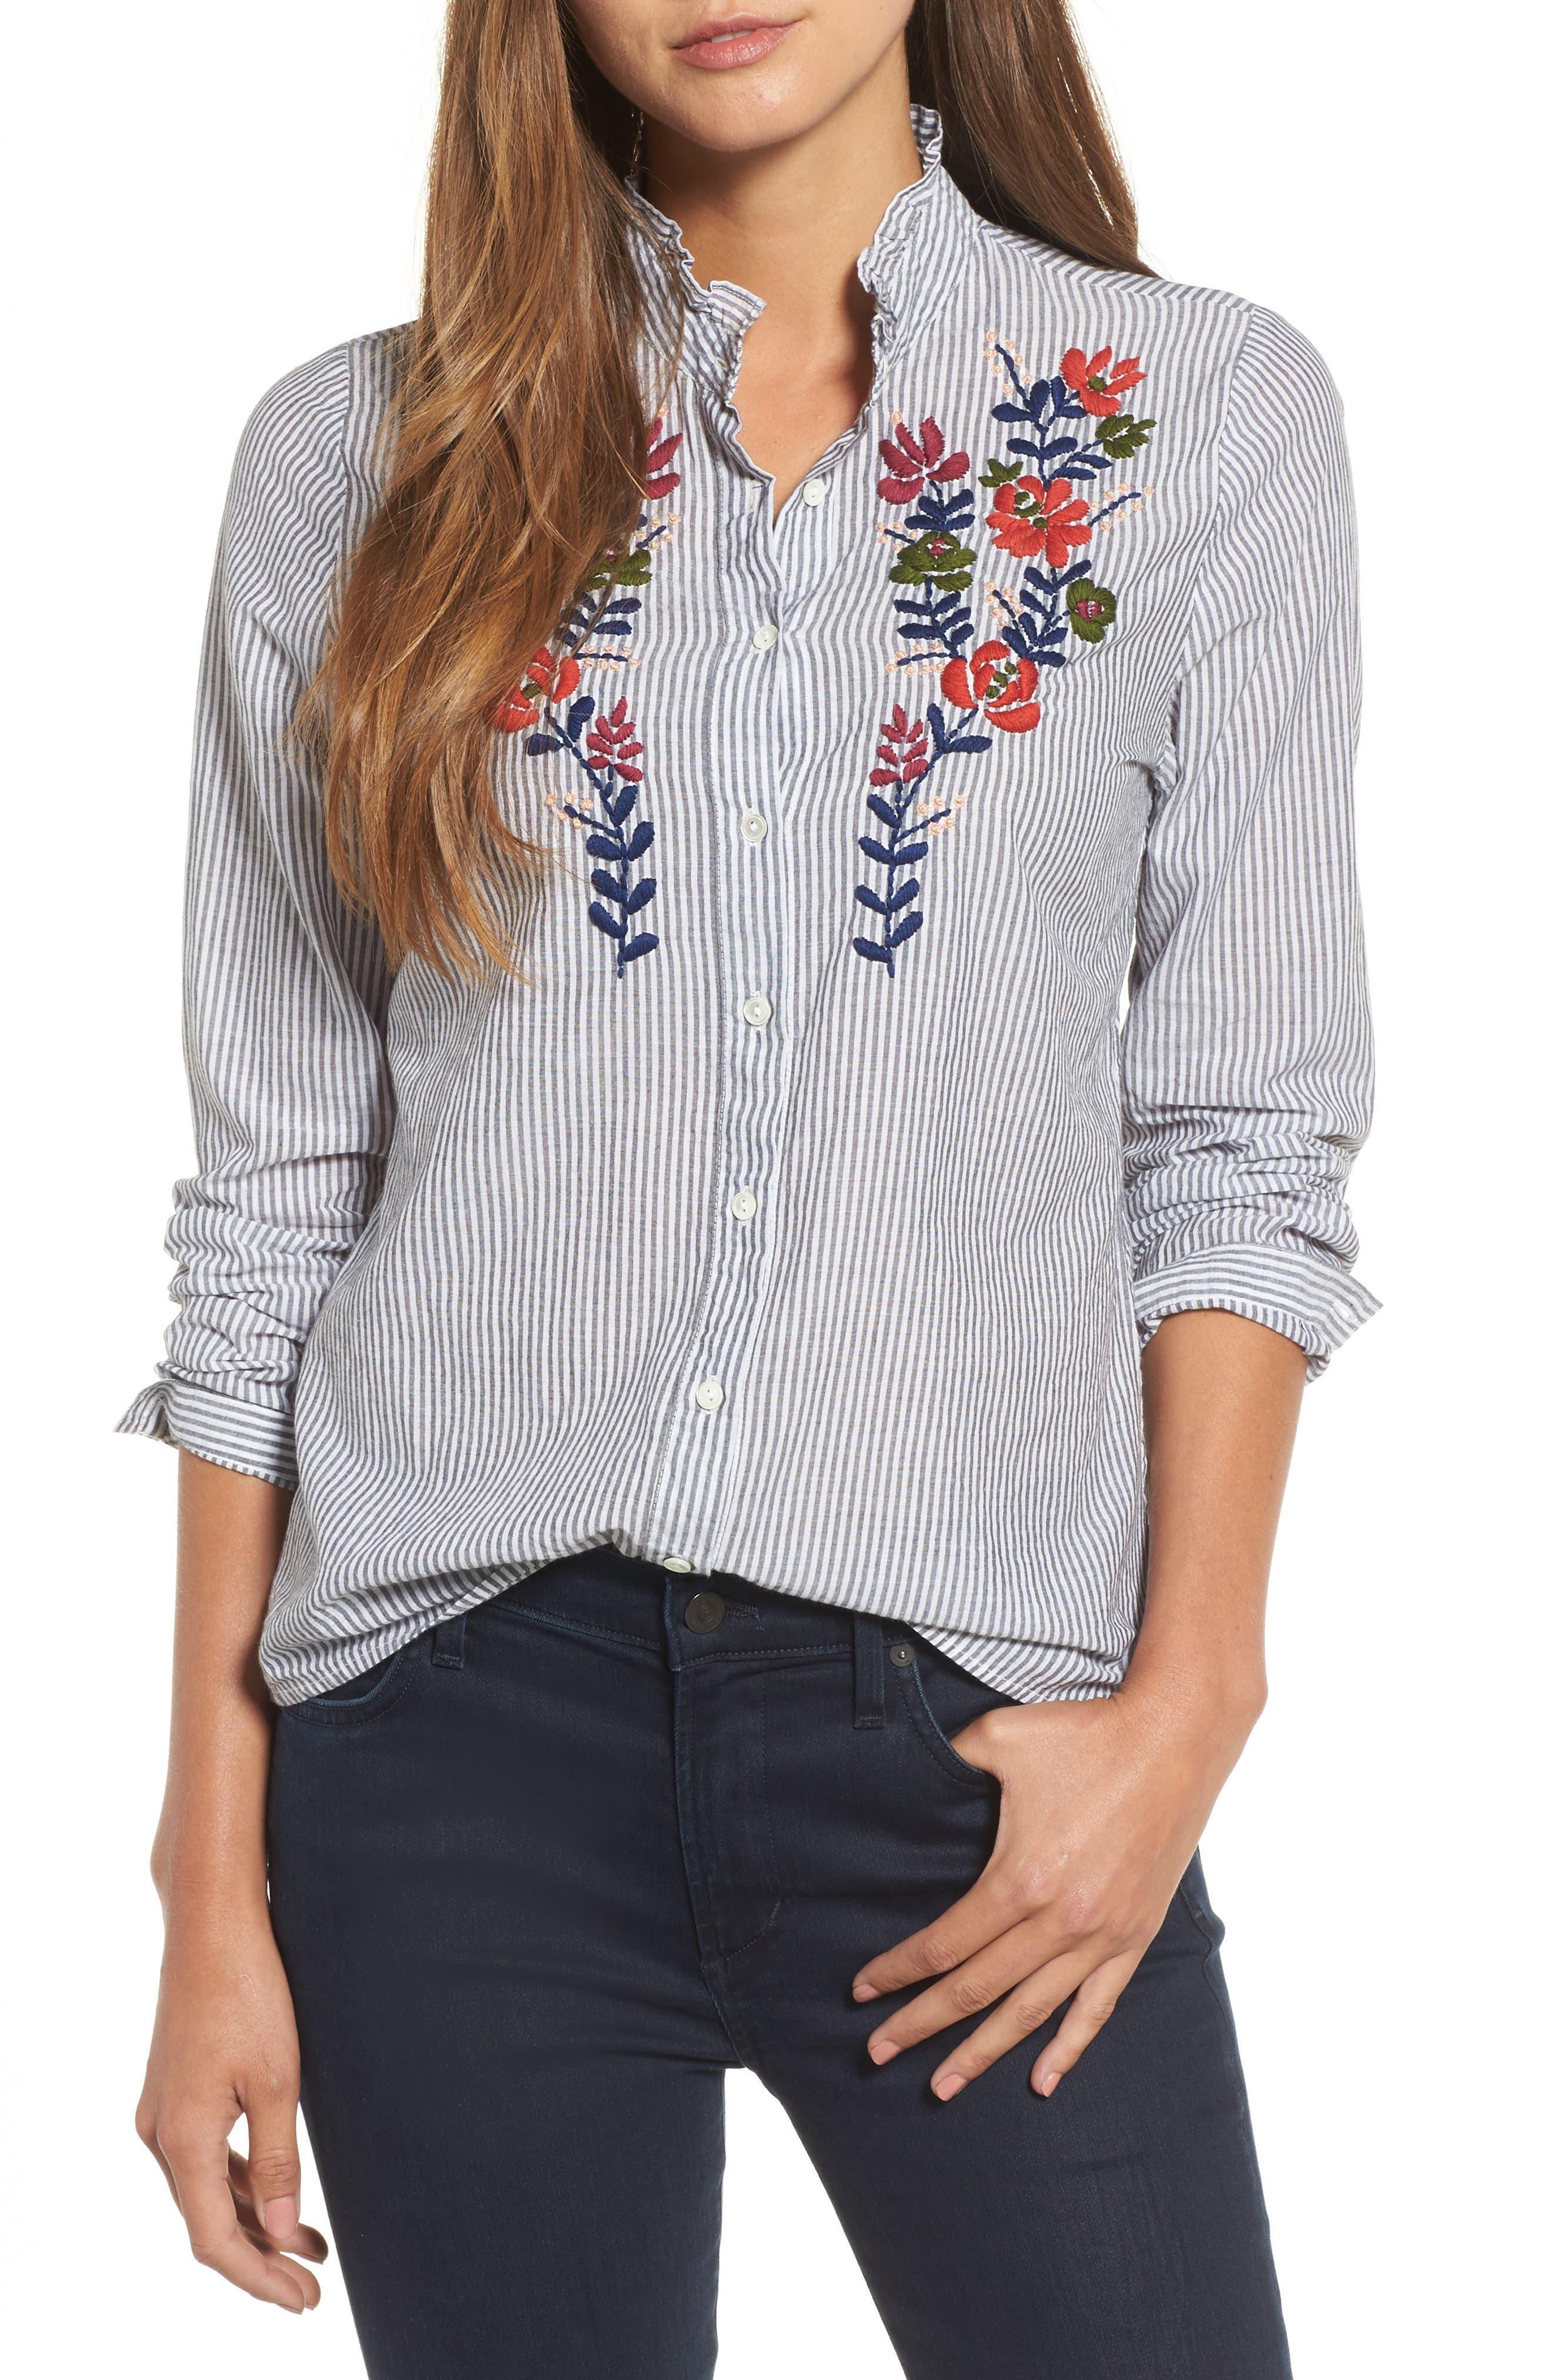 Alternate Image 1 Selected - Velvet Embroidered Stripe Shirt